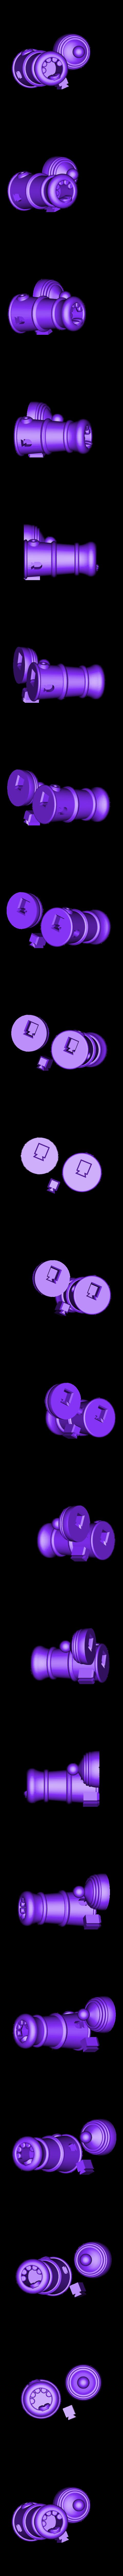 body.STL Télécharger fichier STL gratuit Carnivorous cannon • Plan pour impression 3D, Steyrc